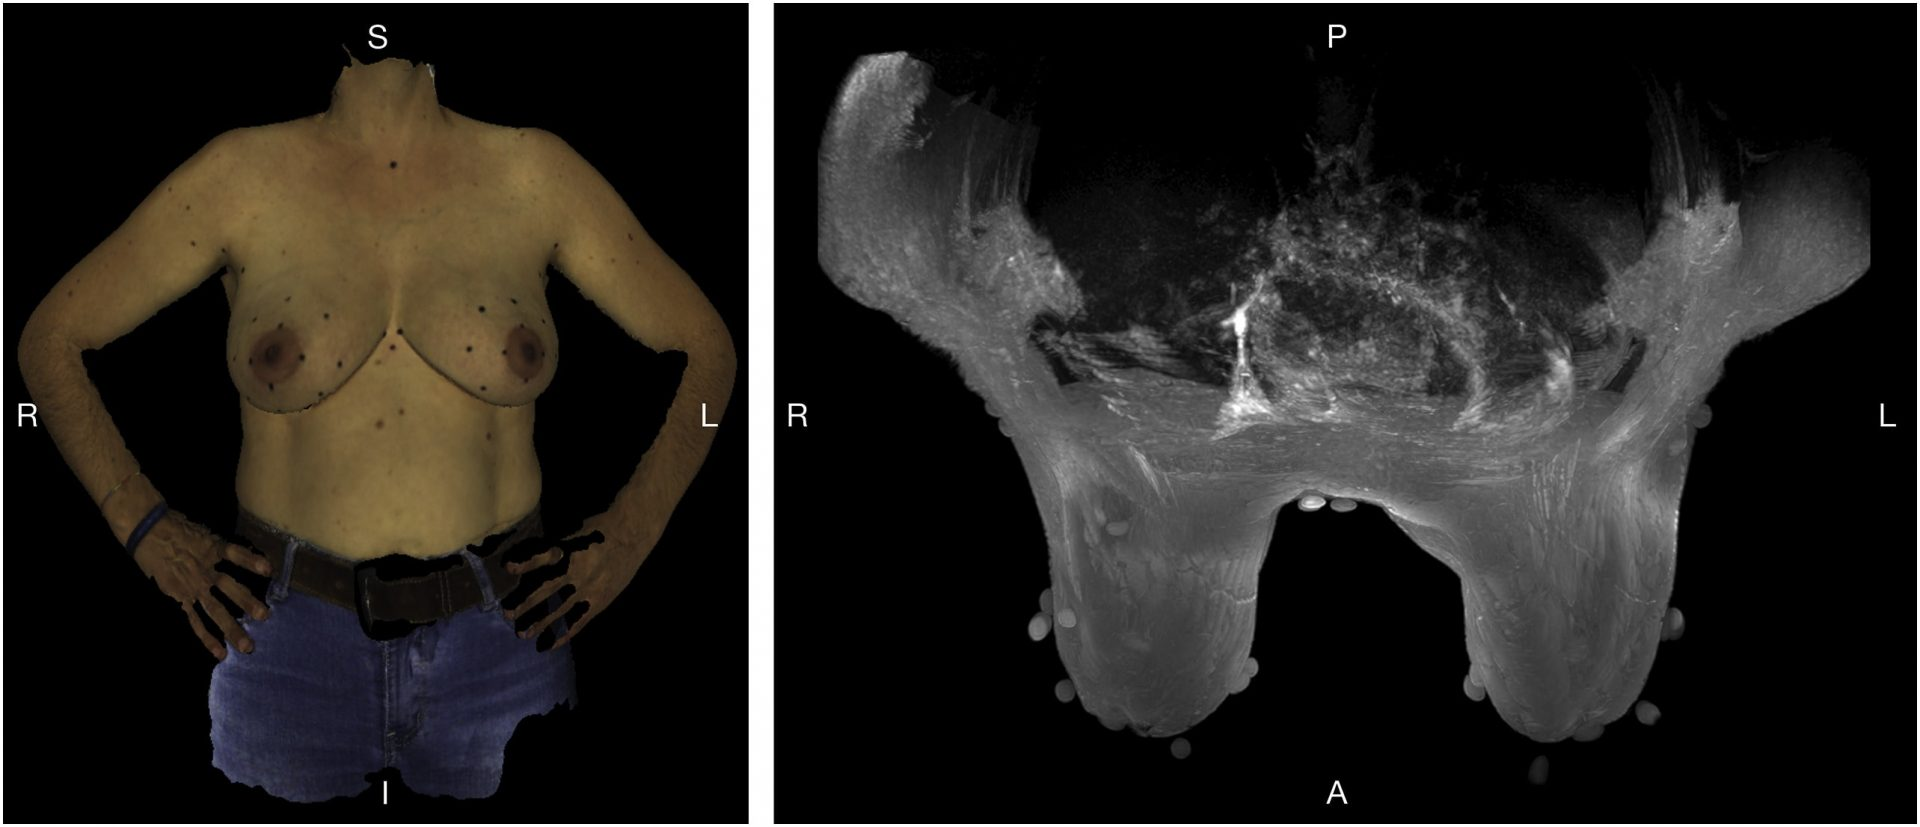 goscan - cancro mama - fundação champallimaud - scanner 3D - scanning 3D - digitalização 3D - metrologia industrial - controlo e inspecção dimensional - s4metro